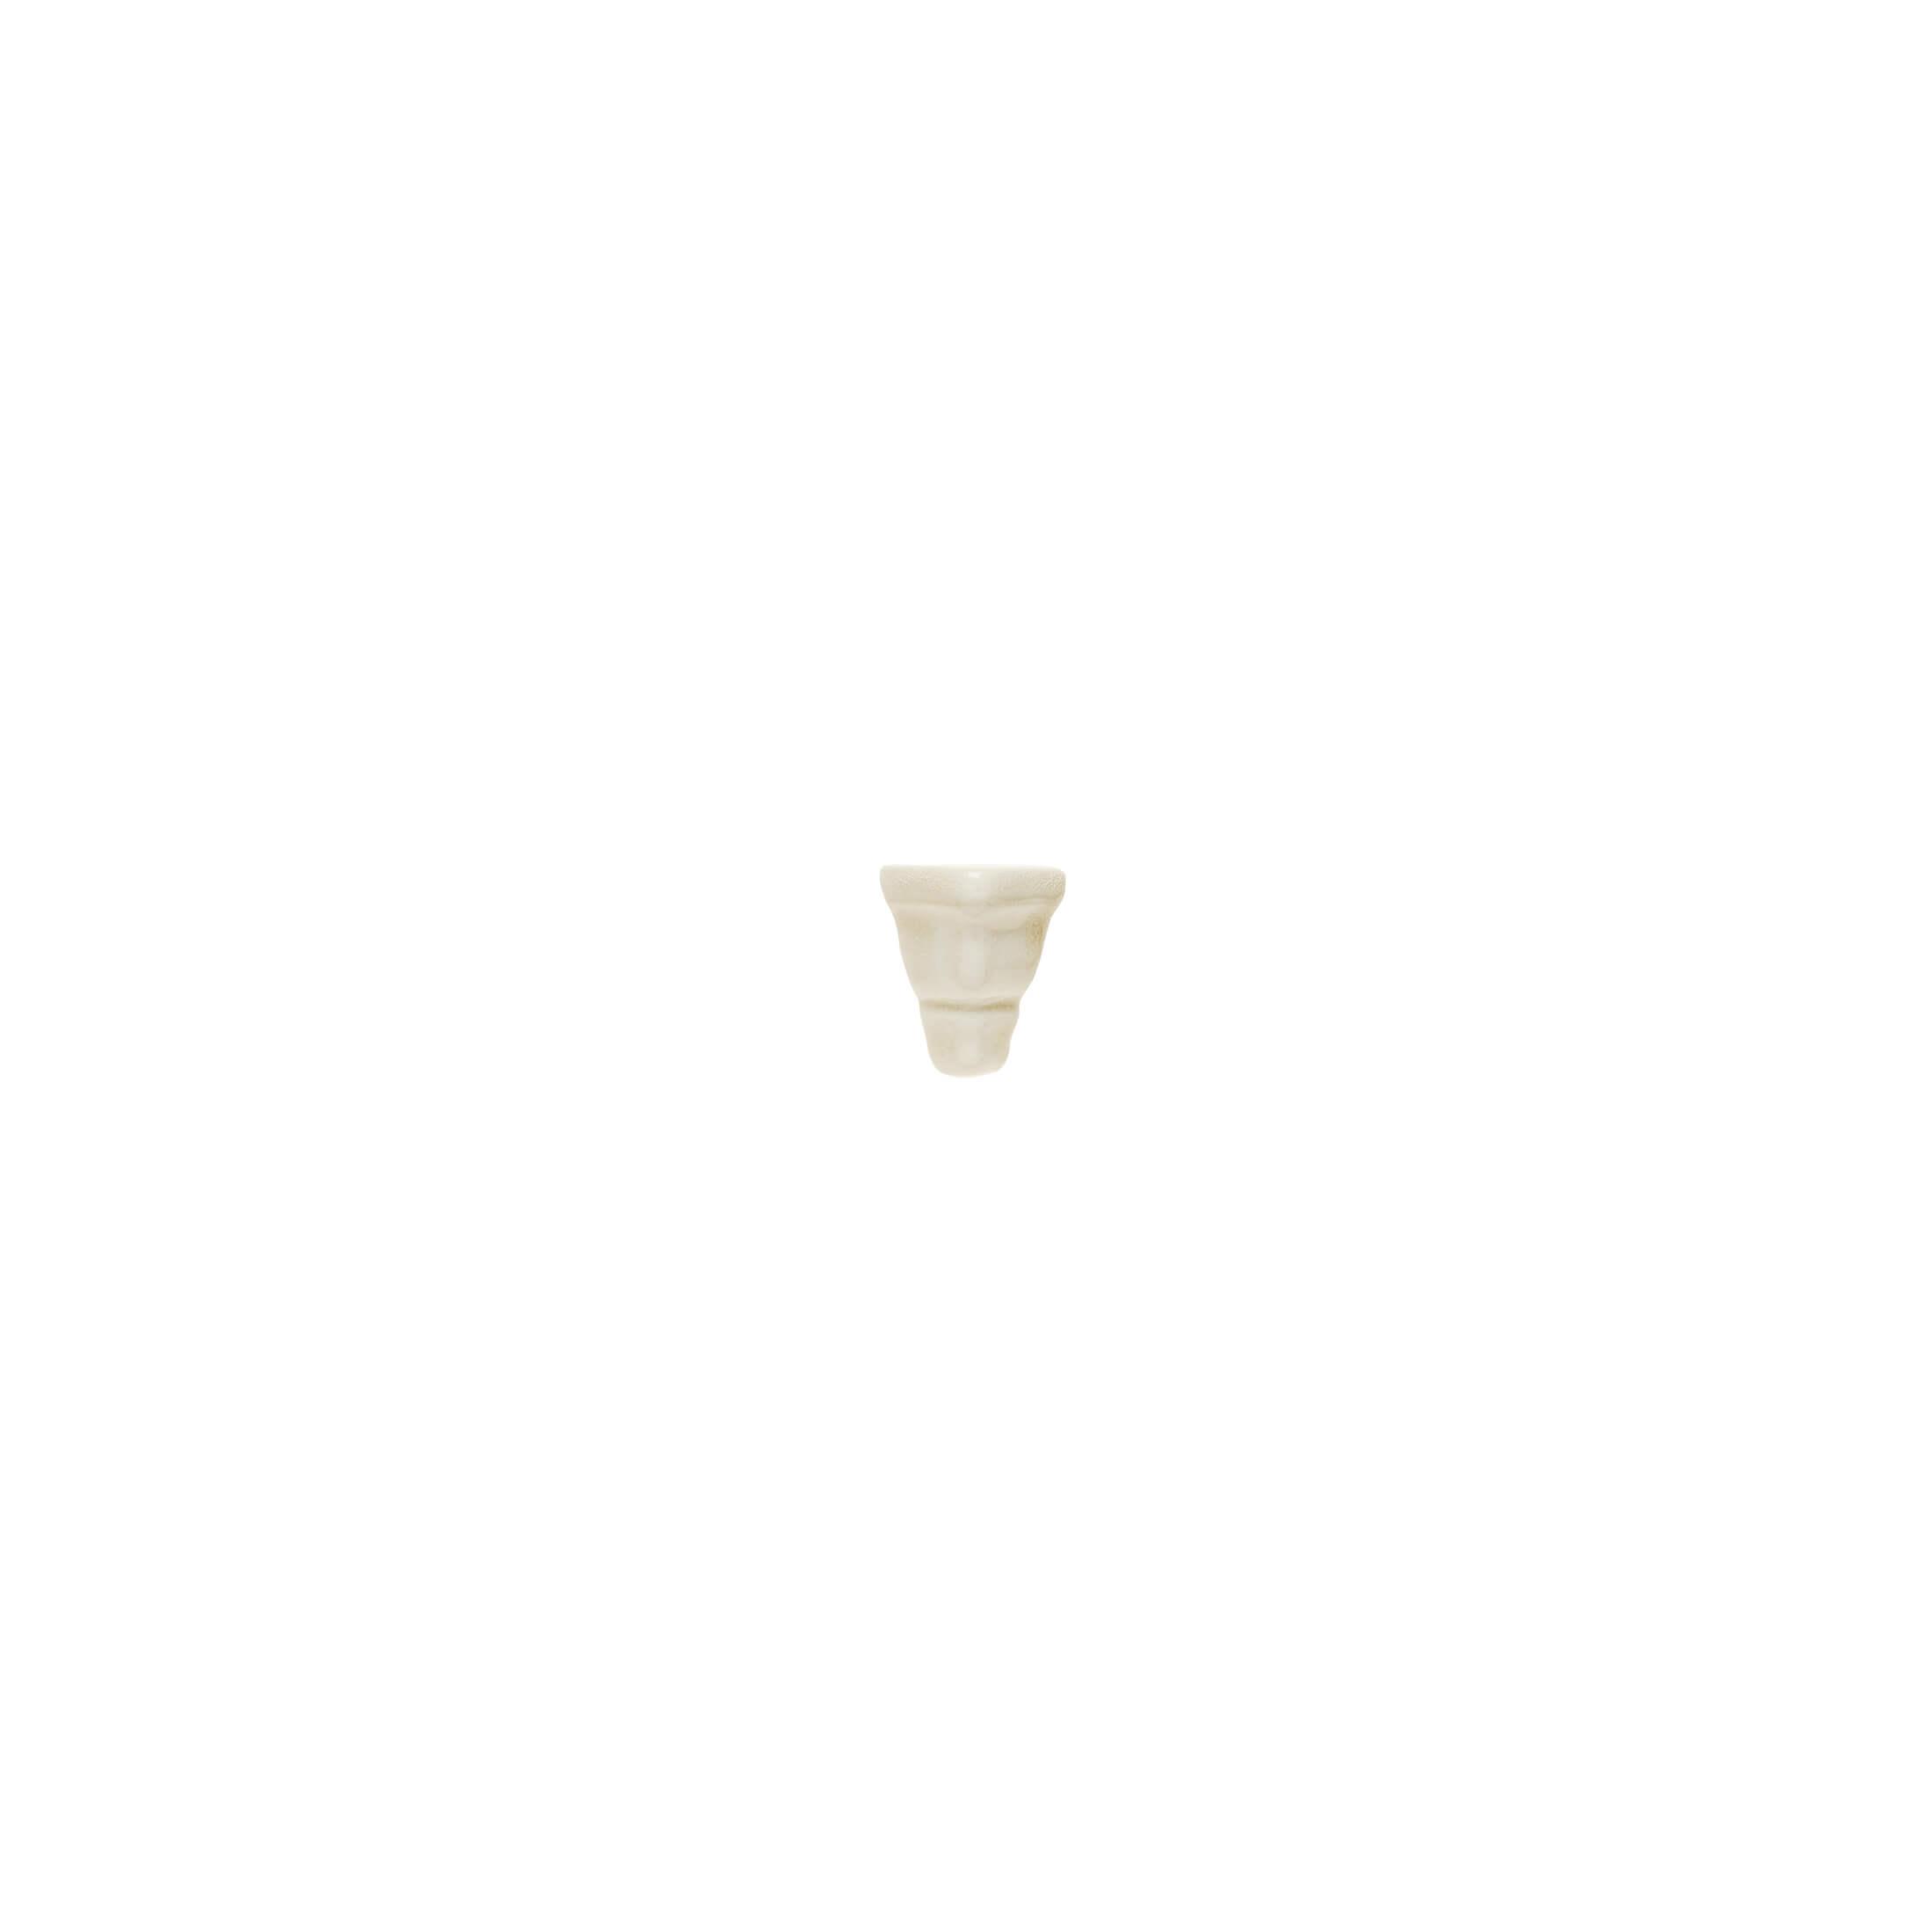 ADOC5069 - ANGULO EXTERIORCORNISA - 3 cm X 15 cm